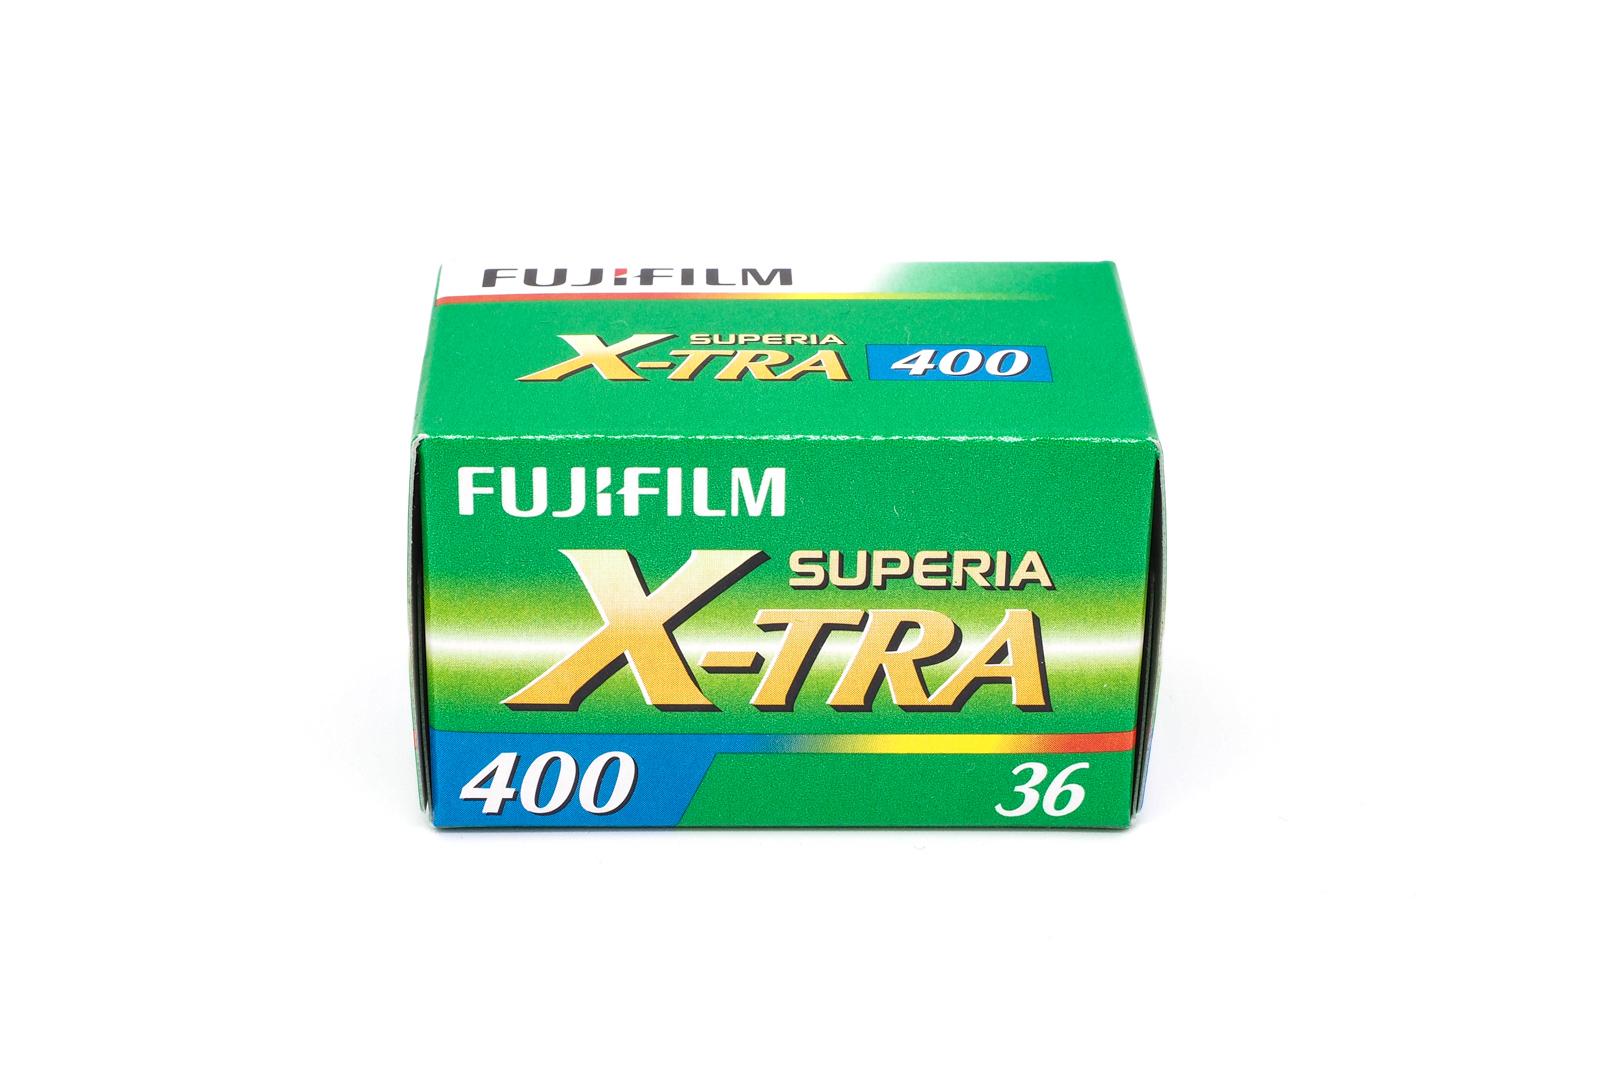 Fujifilm Superia 400